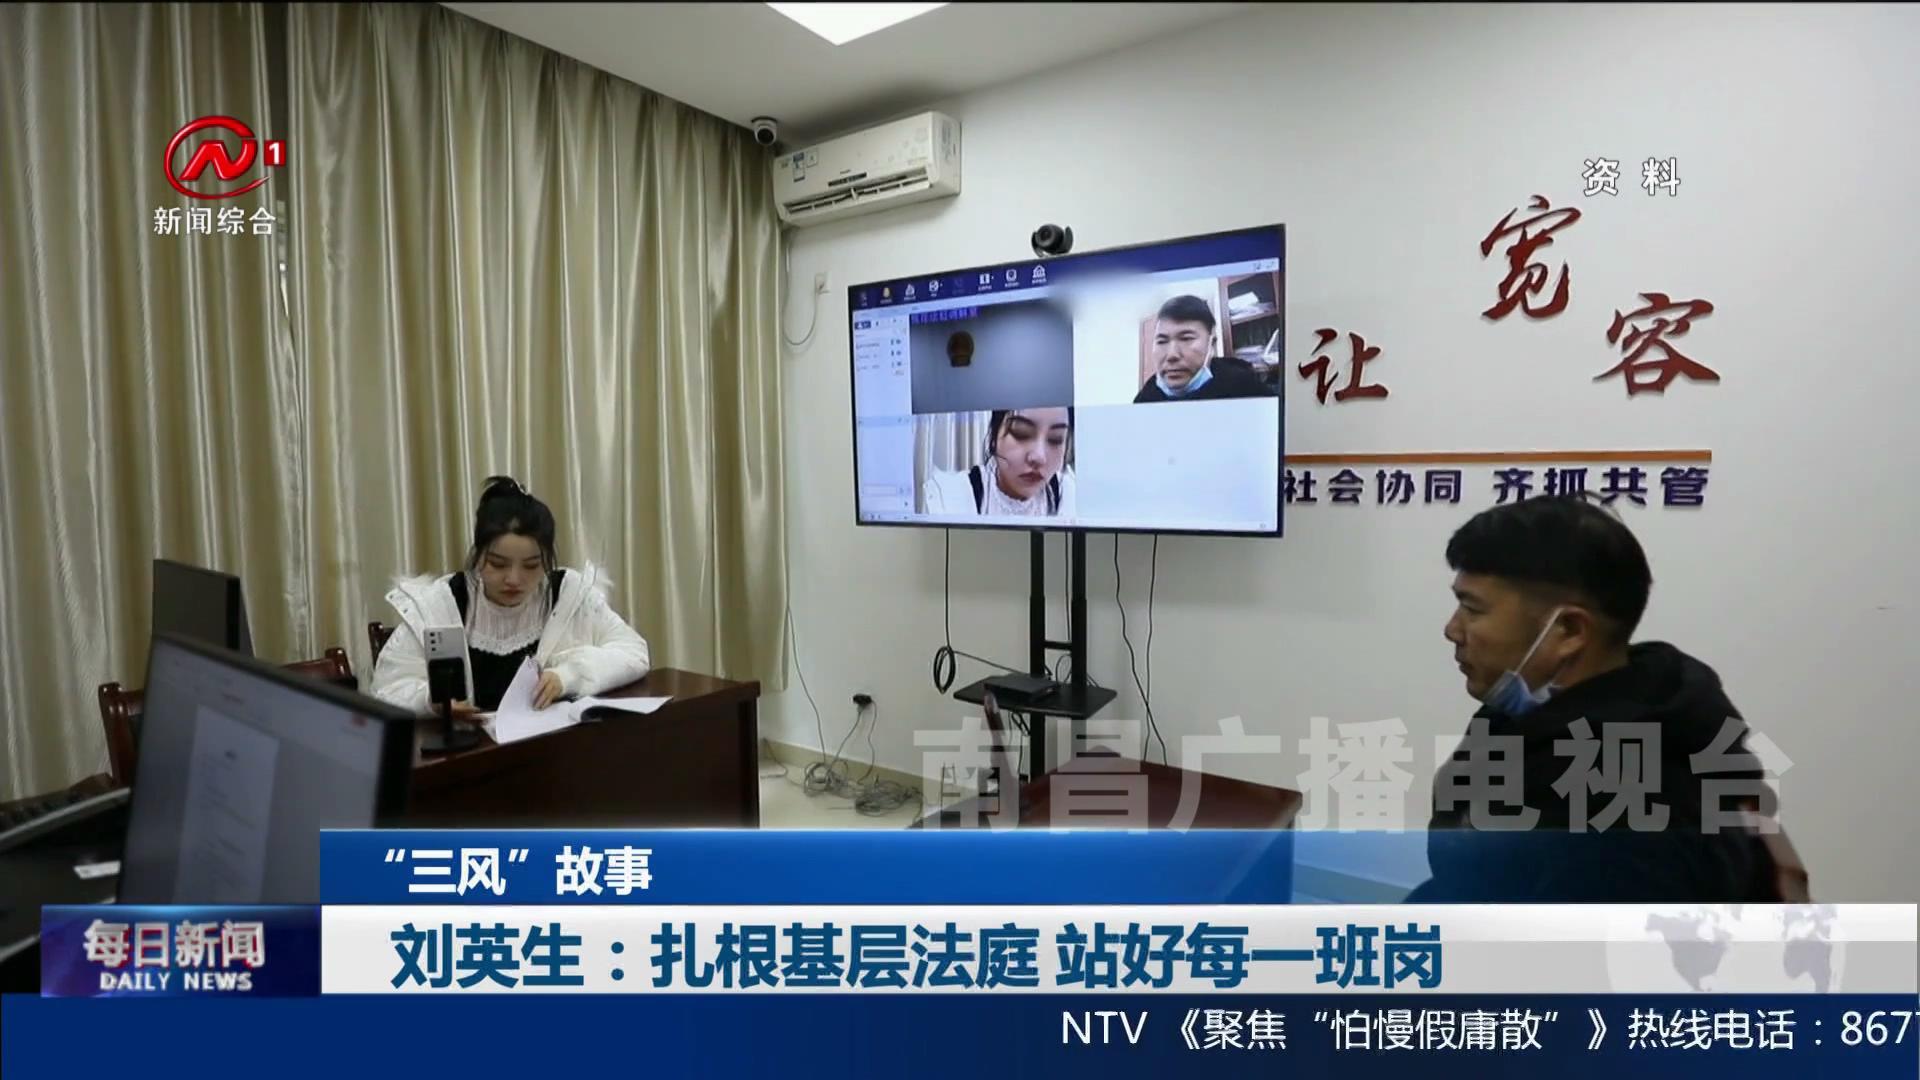 刘英生:扎根基层法庭 站好每一班岗